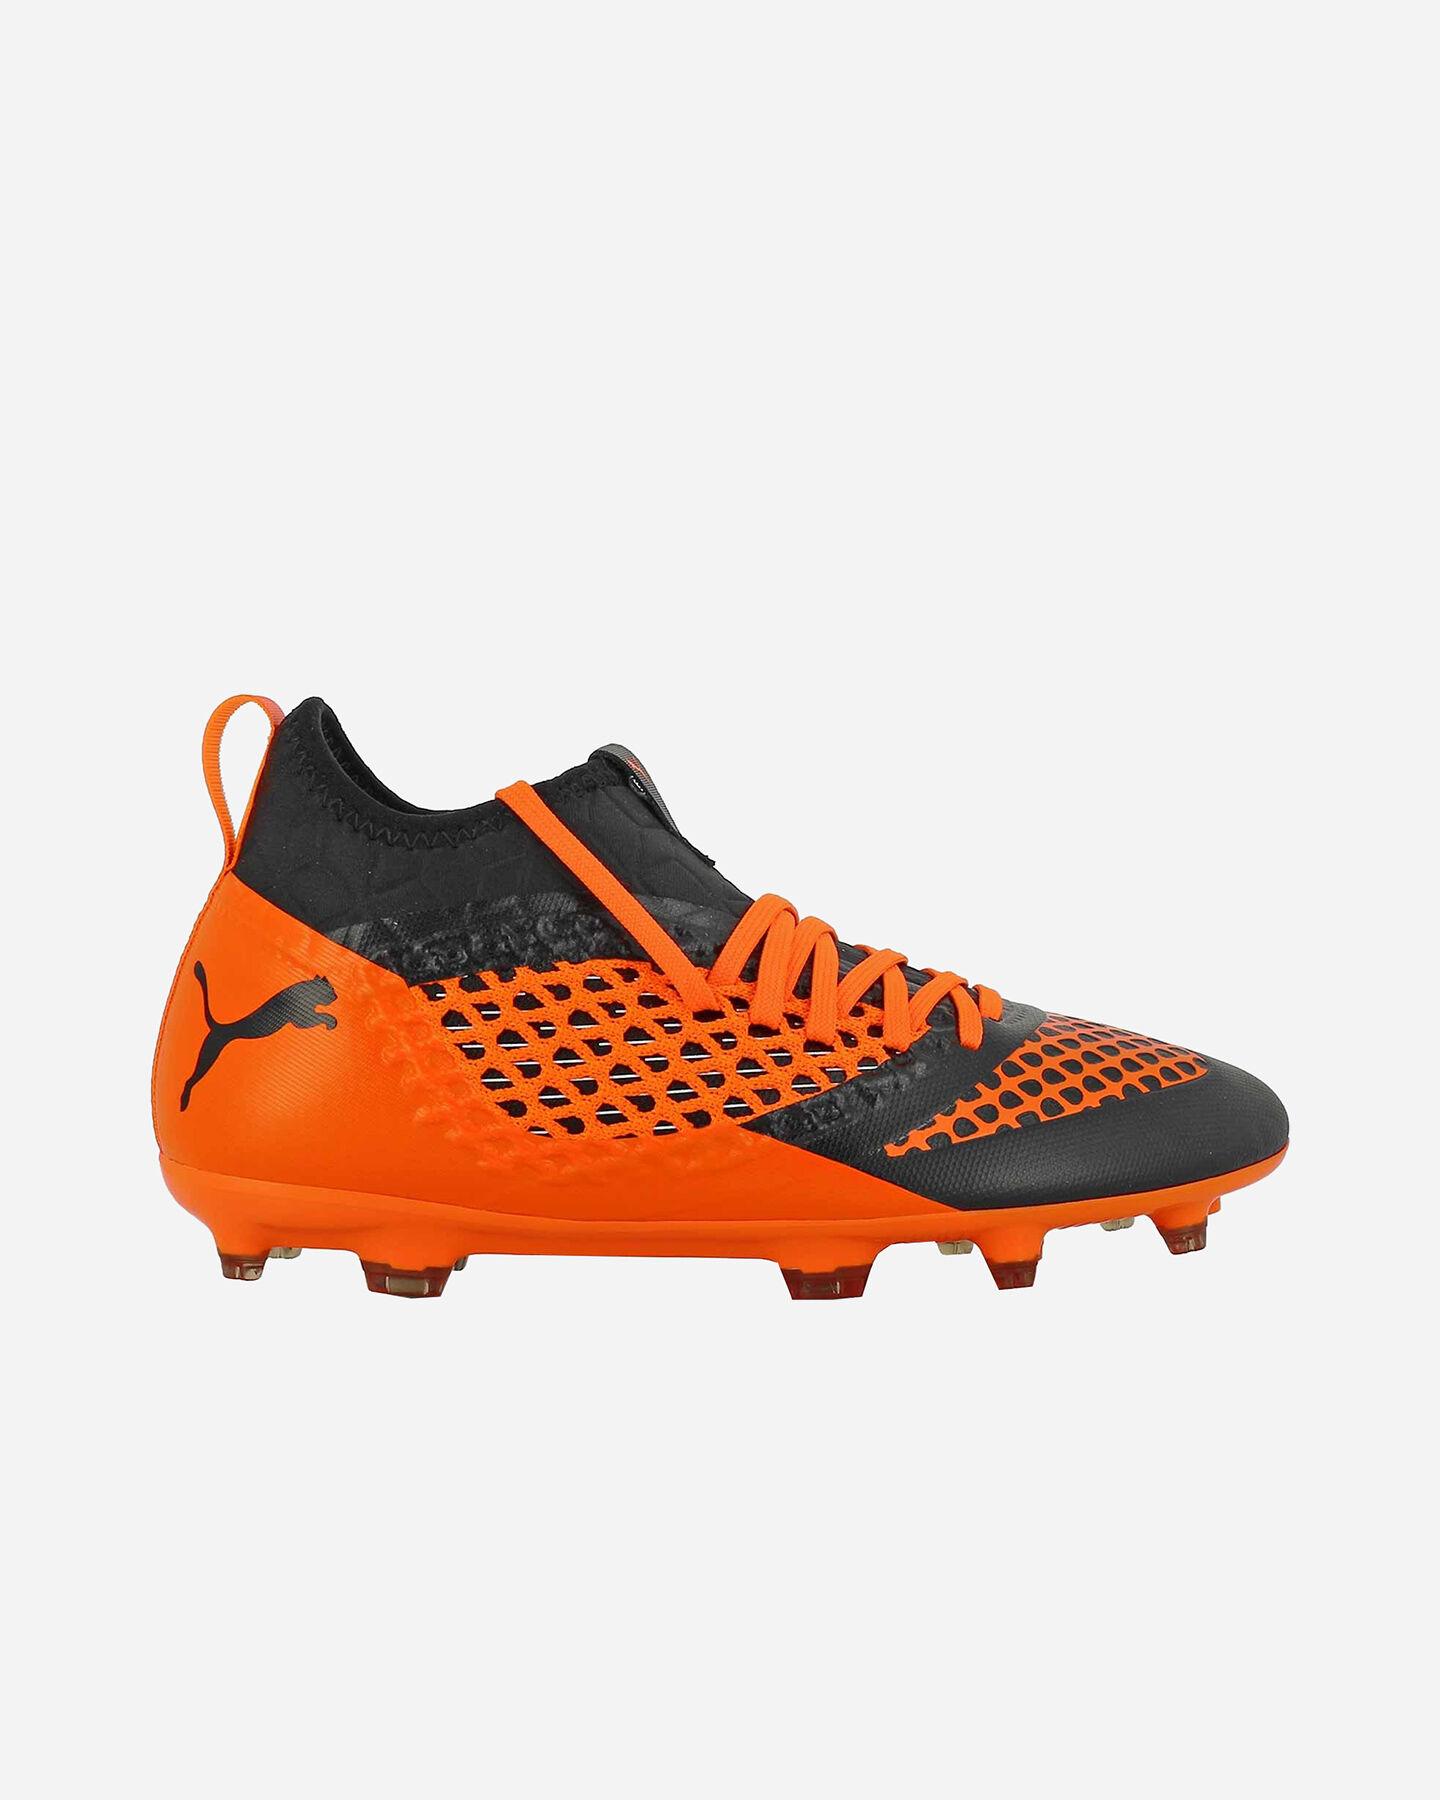 scarpe da calcio adidas x azzurre